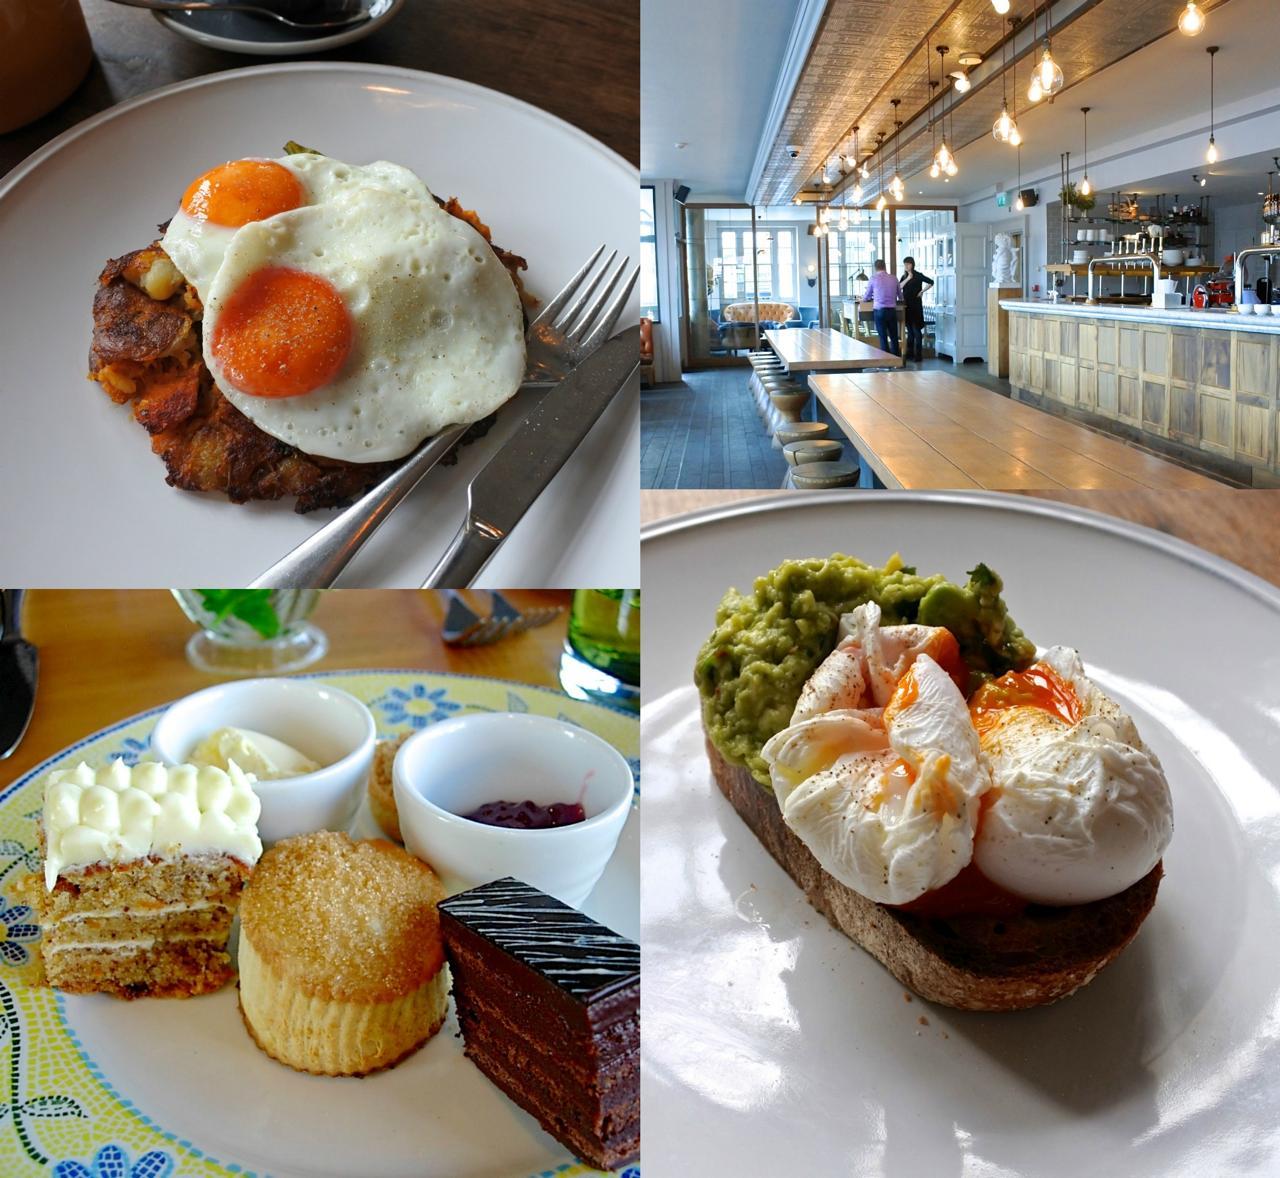 人気の朝食メニューにはハッシュにダック・エッグを組み合わせたボリューミーな一品も。左下は少し前のアフタヌーン・ティーの一部。ここのスイーツは確か、自家製のはず。